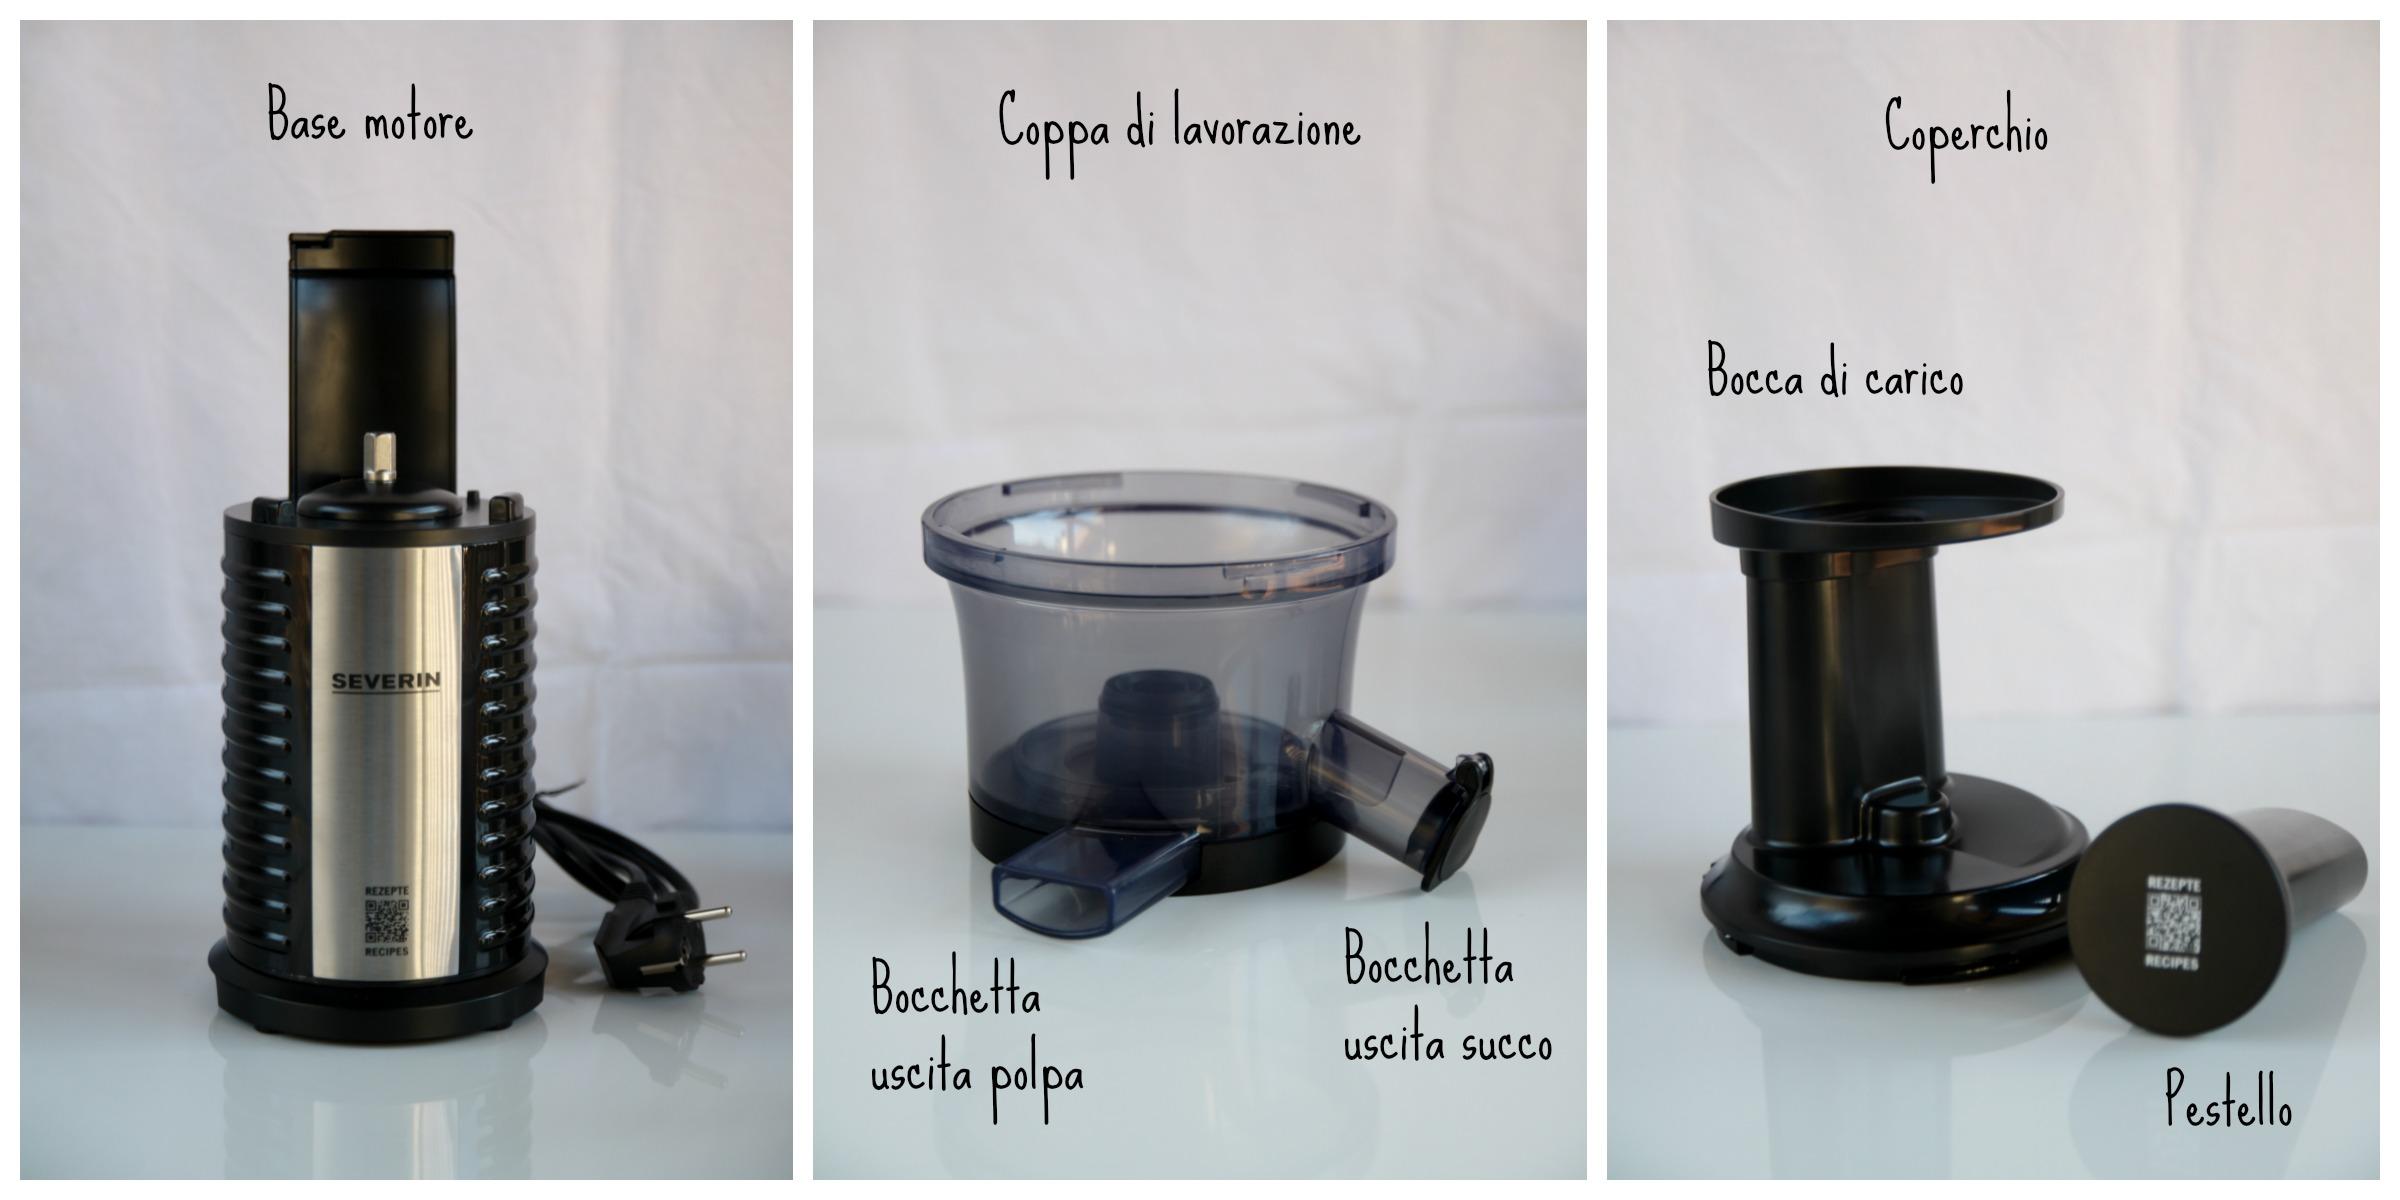 estrattore di succo - base